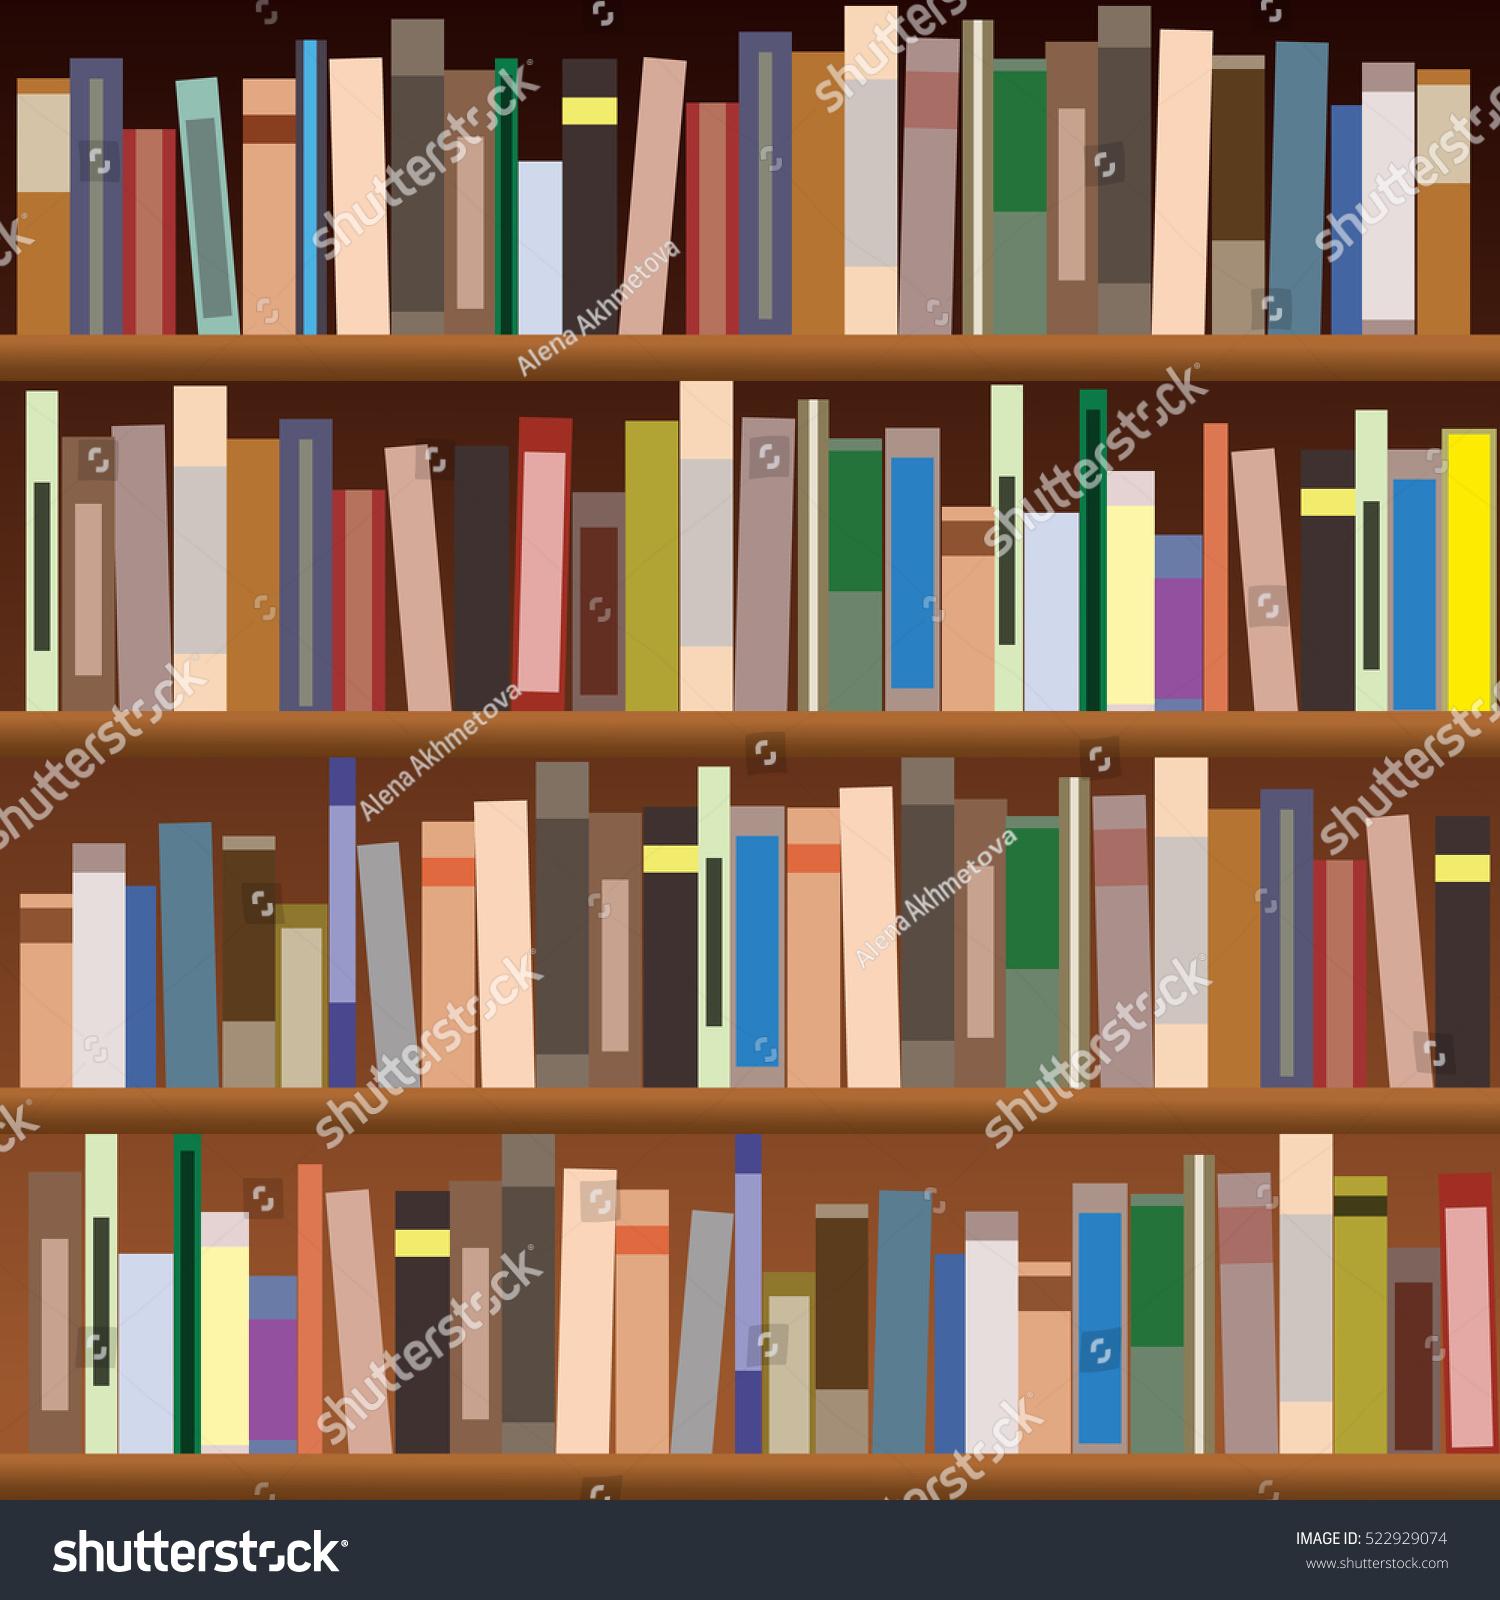 Set Bookshelves Vector Flat Illustration Books Stock